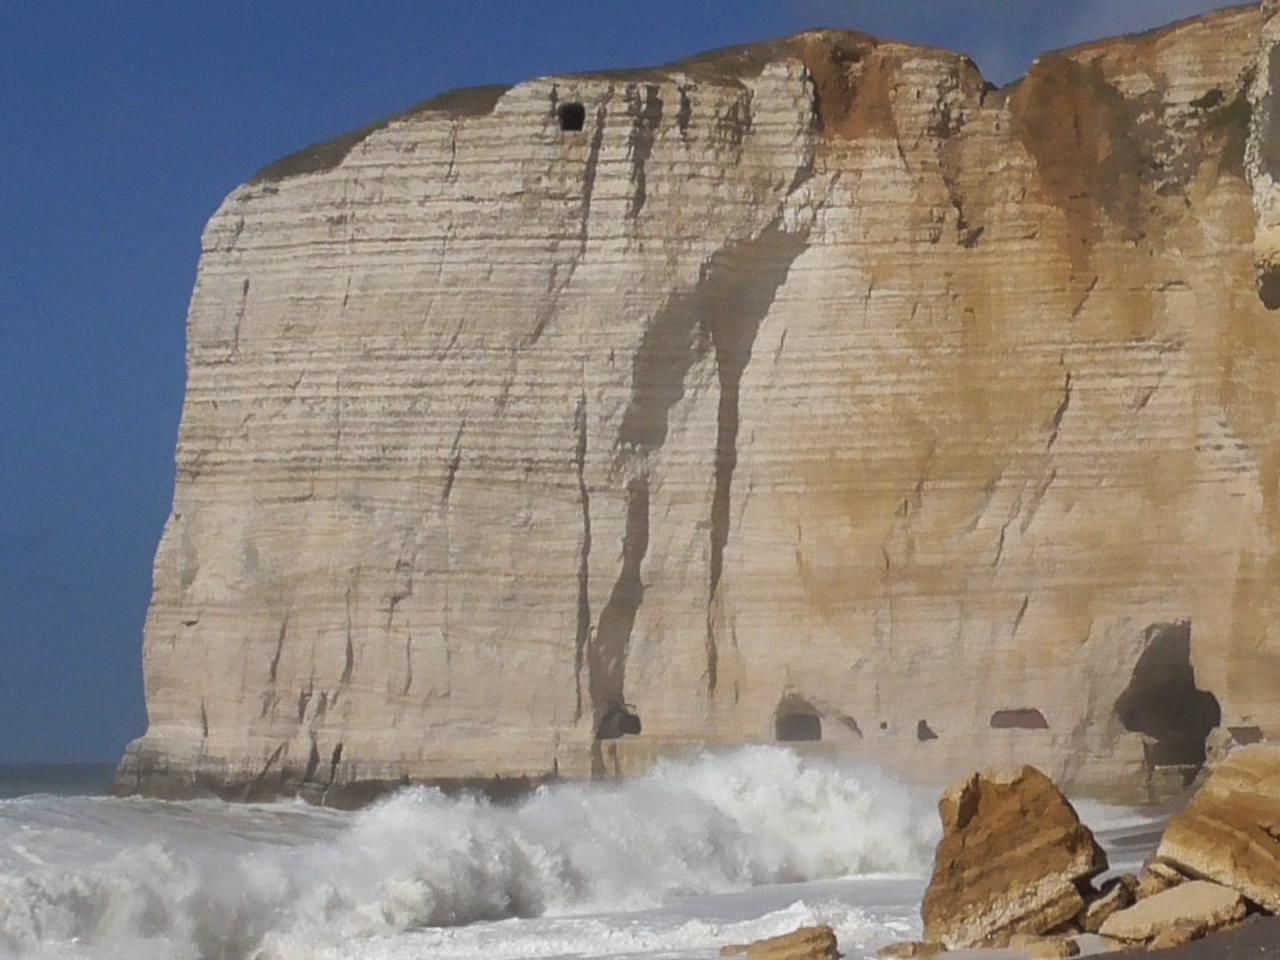 Ein enormer Felsen füllt fast das ganze Bild aus. An seinem Fuß branden kräftig die Wellen, an seiner Spitze zieht sich wolkenloser Sommerhimmel.